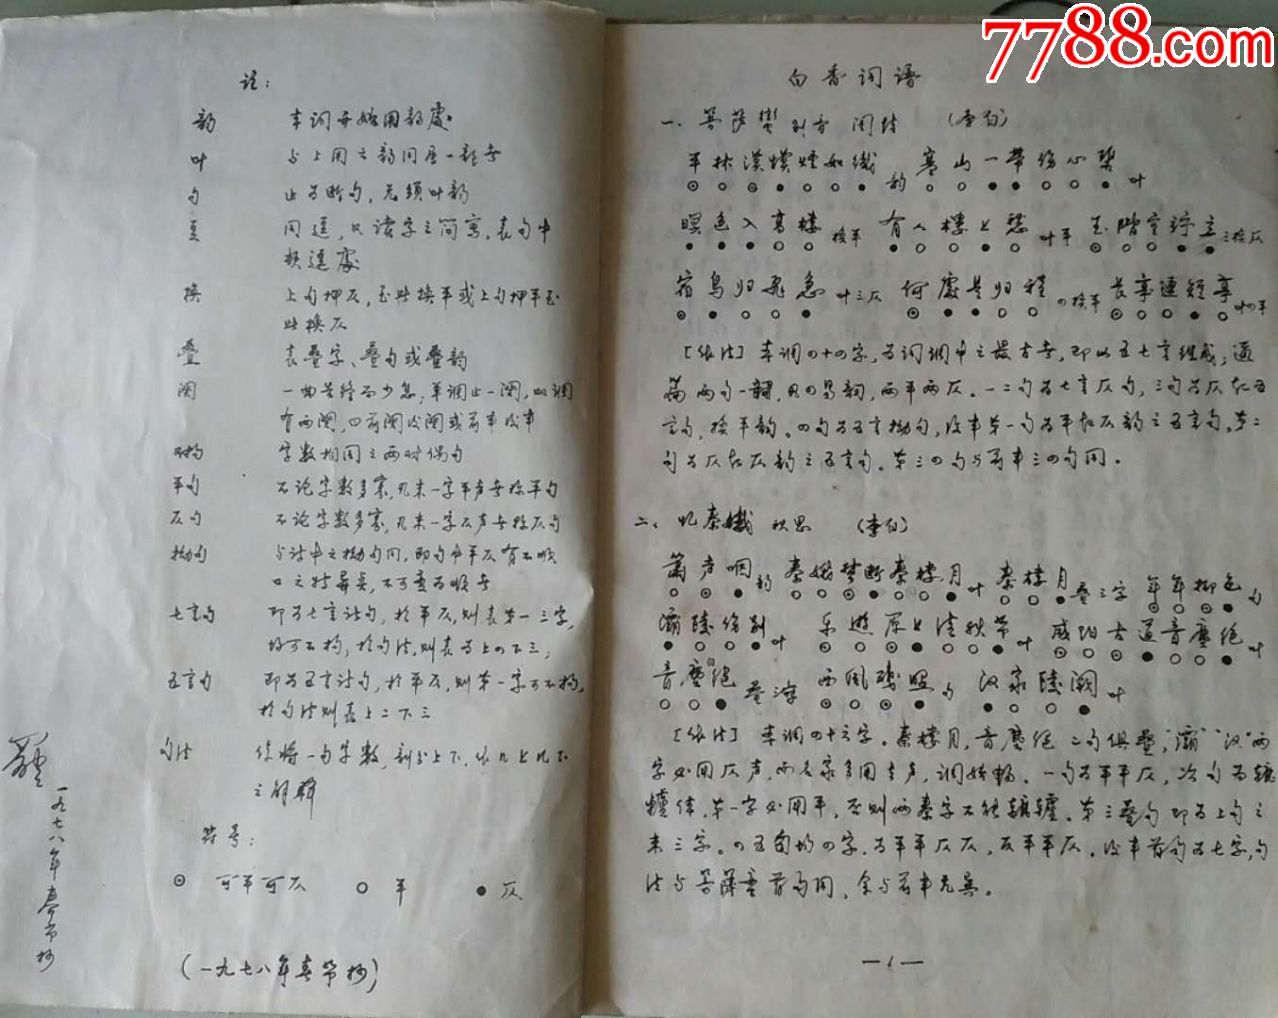 蔡耕旧藏周梦羆的《旧诗新抄和白香诗谱》2大本。《旧诗新抄》为作者1996年用硬笔_第5张_